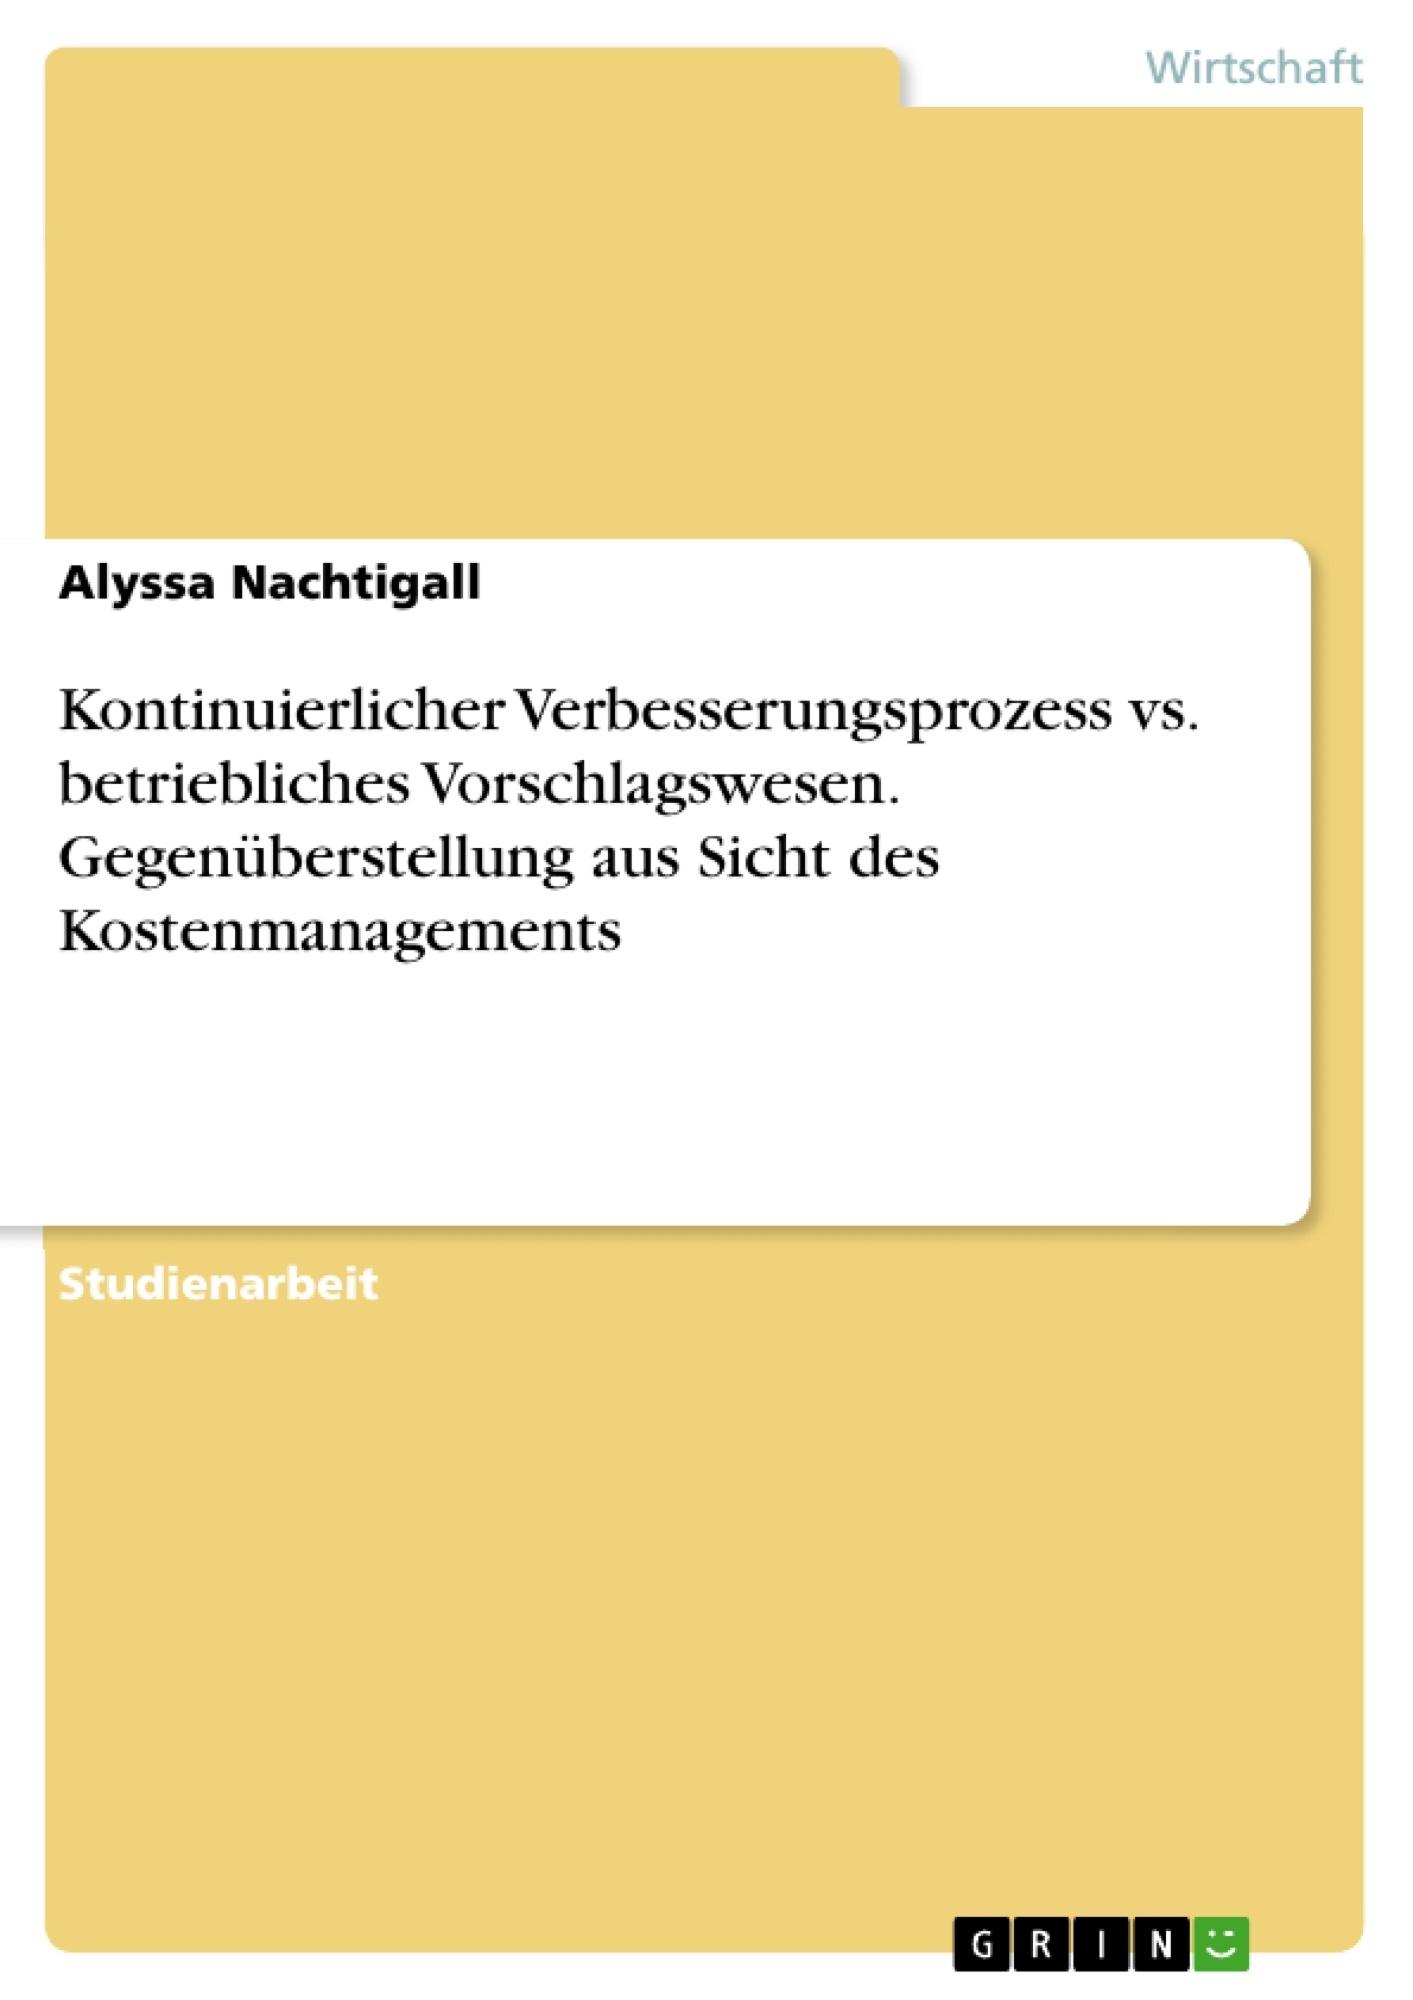 Titel: Kontinuierlicher Verbesserungsprozess vs. betriebliches Vorschlagswesen. Gegenüberstellung aus Sicht des Kostenmanagements